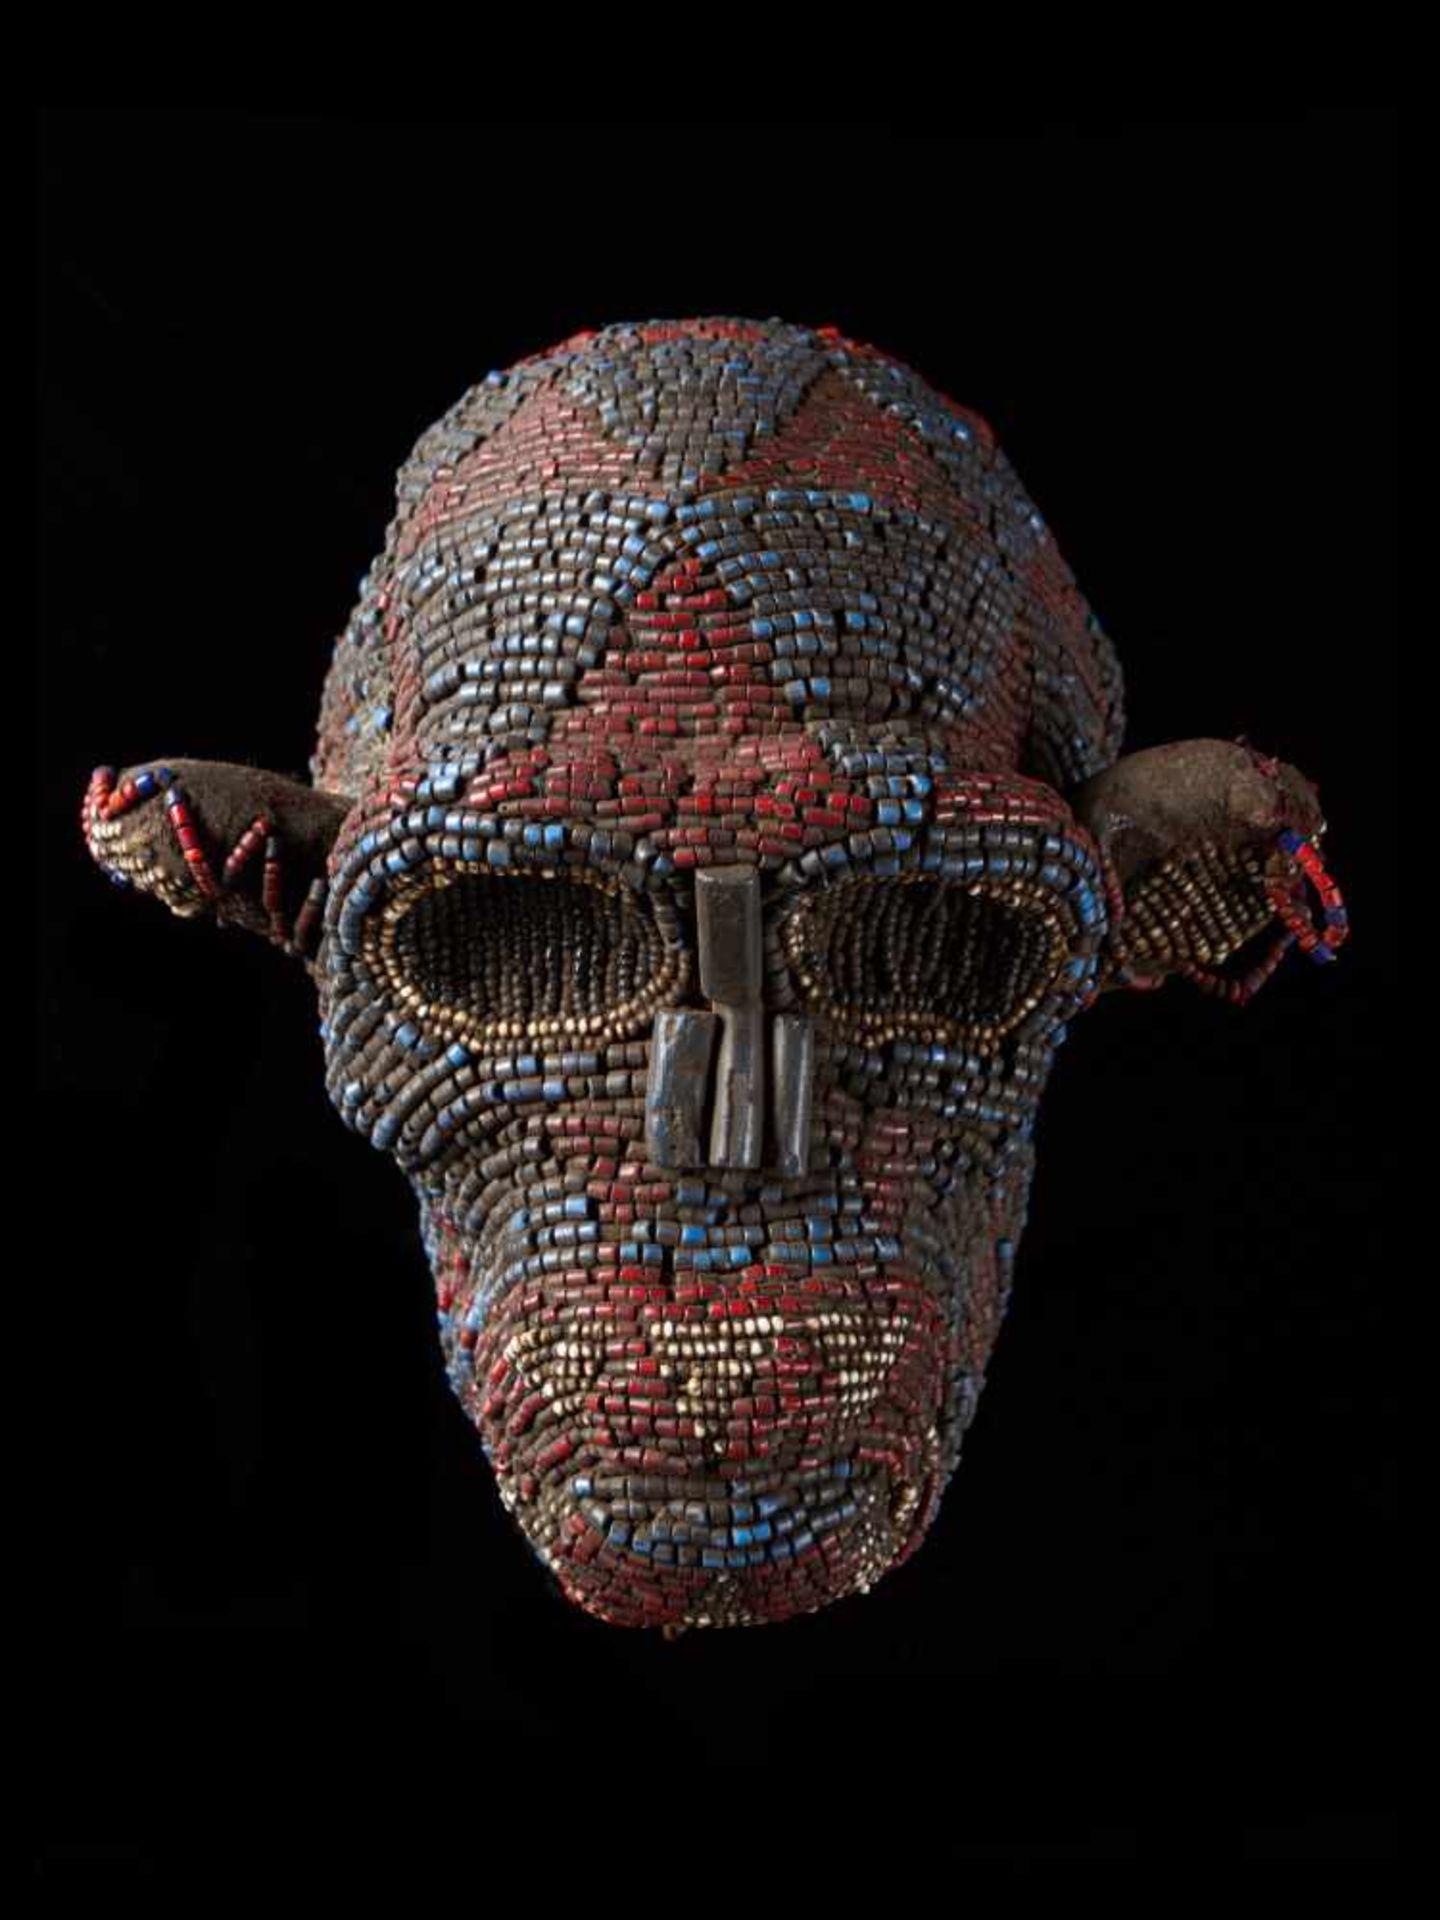 Beaded Monkey Head - Tribal ArtThis beaded monkey head has a striking realistic shape. It is